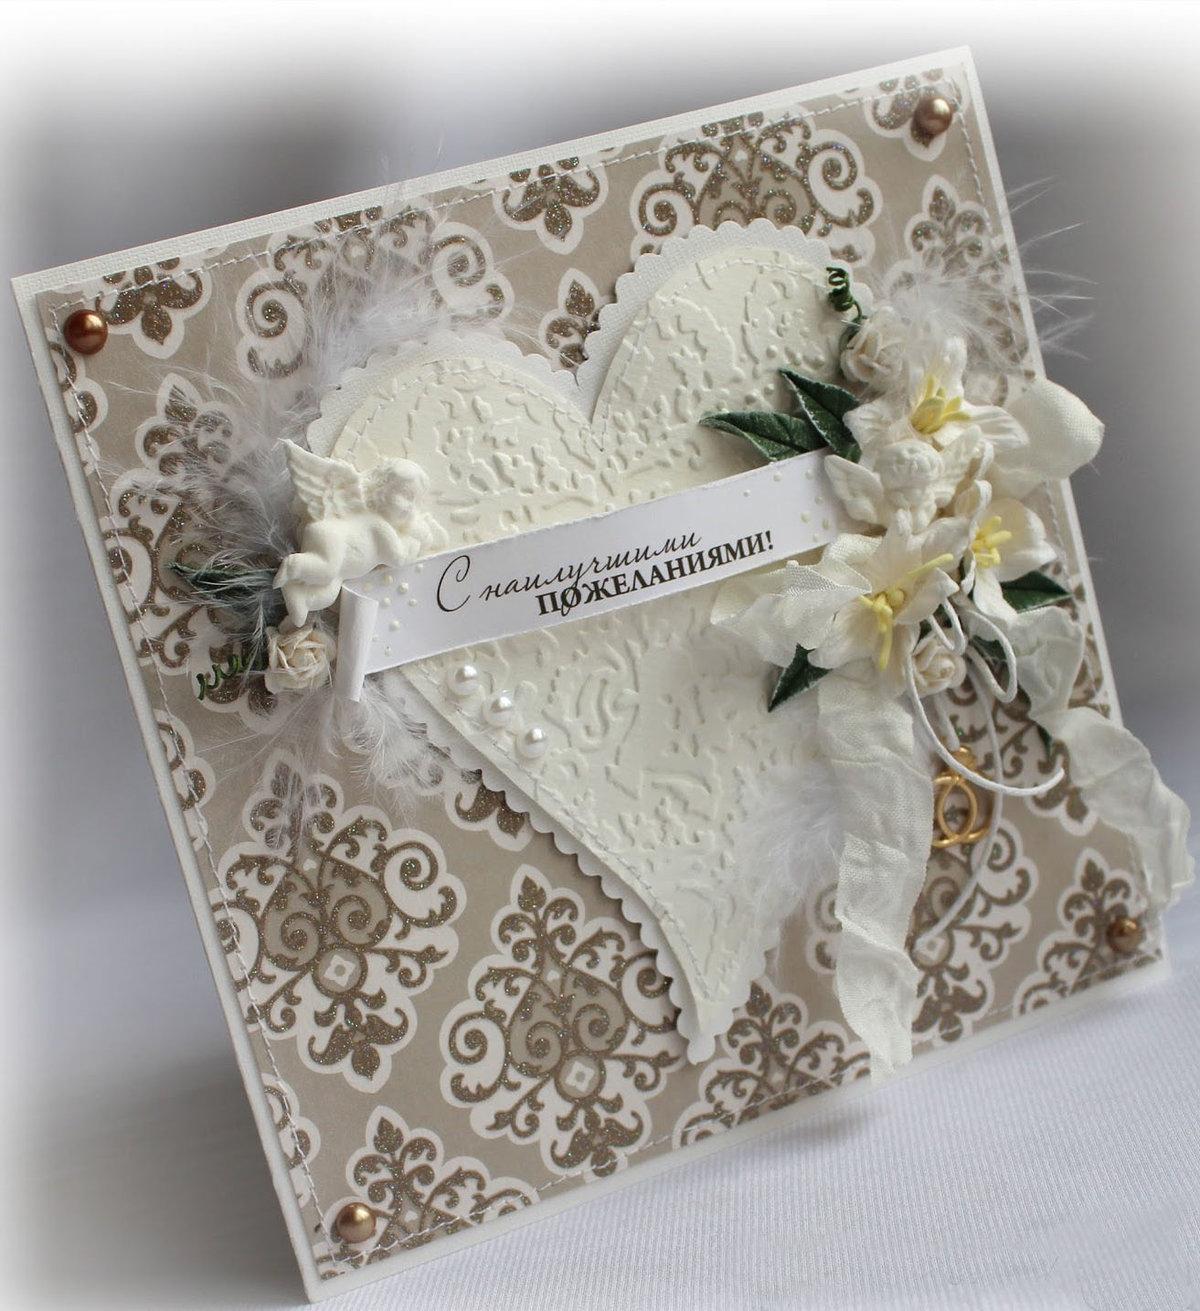 Праздником, мк. свадебные открытки своими руками